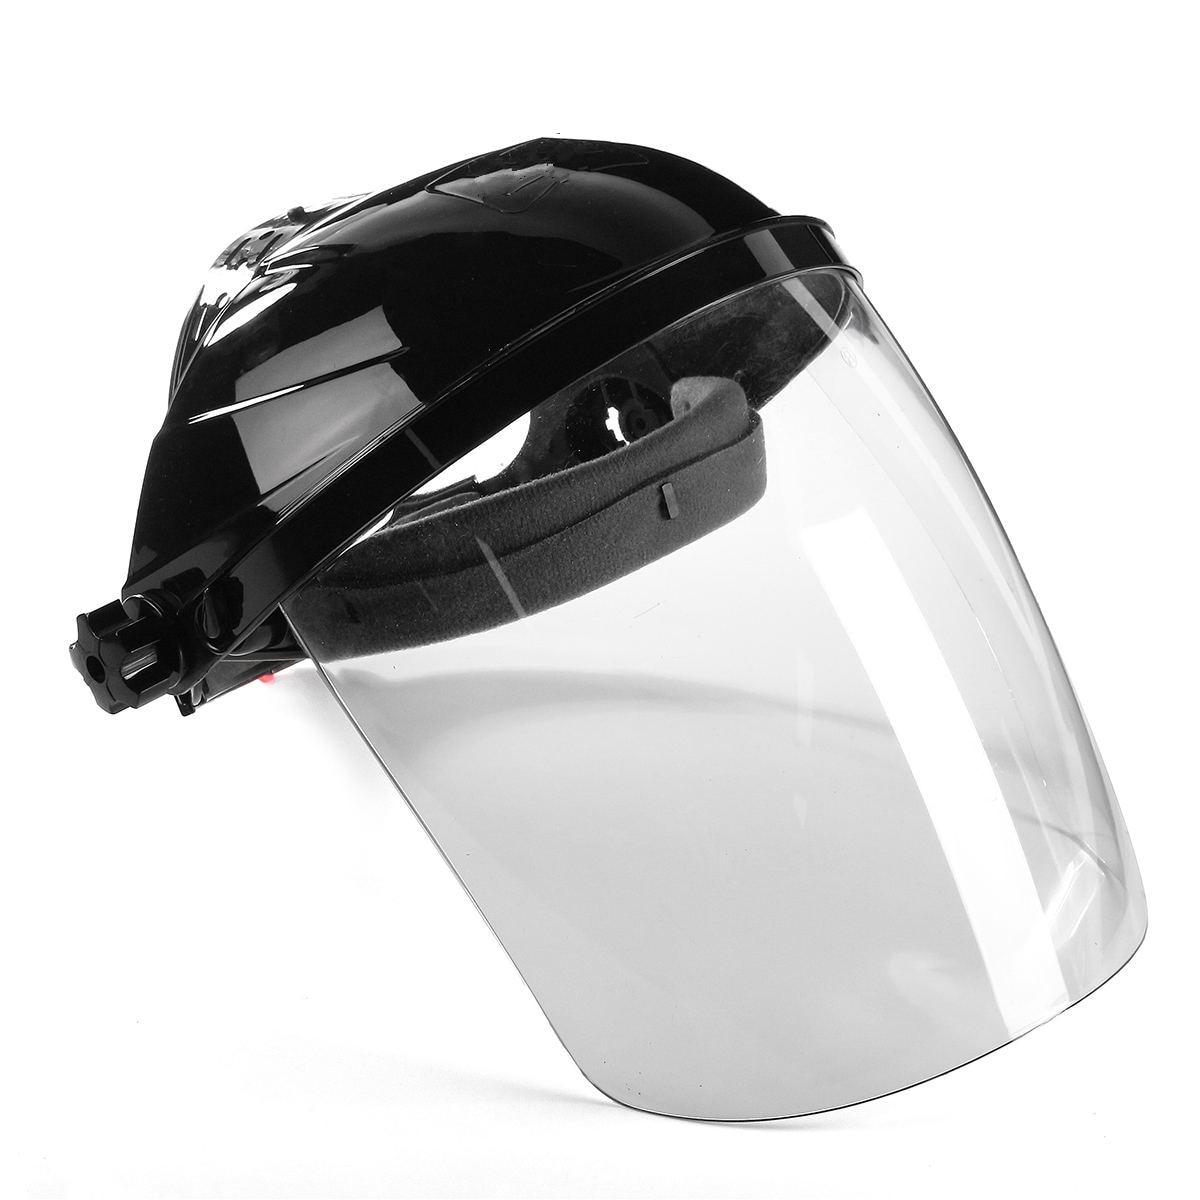 Nouveau Transparent Lentille Anti-UV Anti-choc Casque De Soudage Visage Bouclier Masque de Soudure Visage Eye Protect Shield Anti-choc